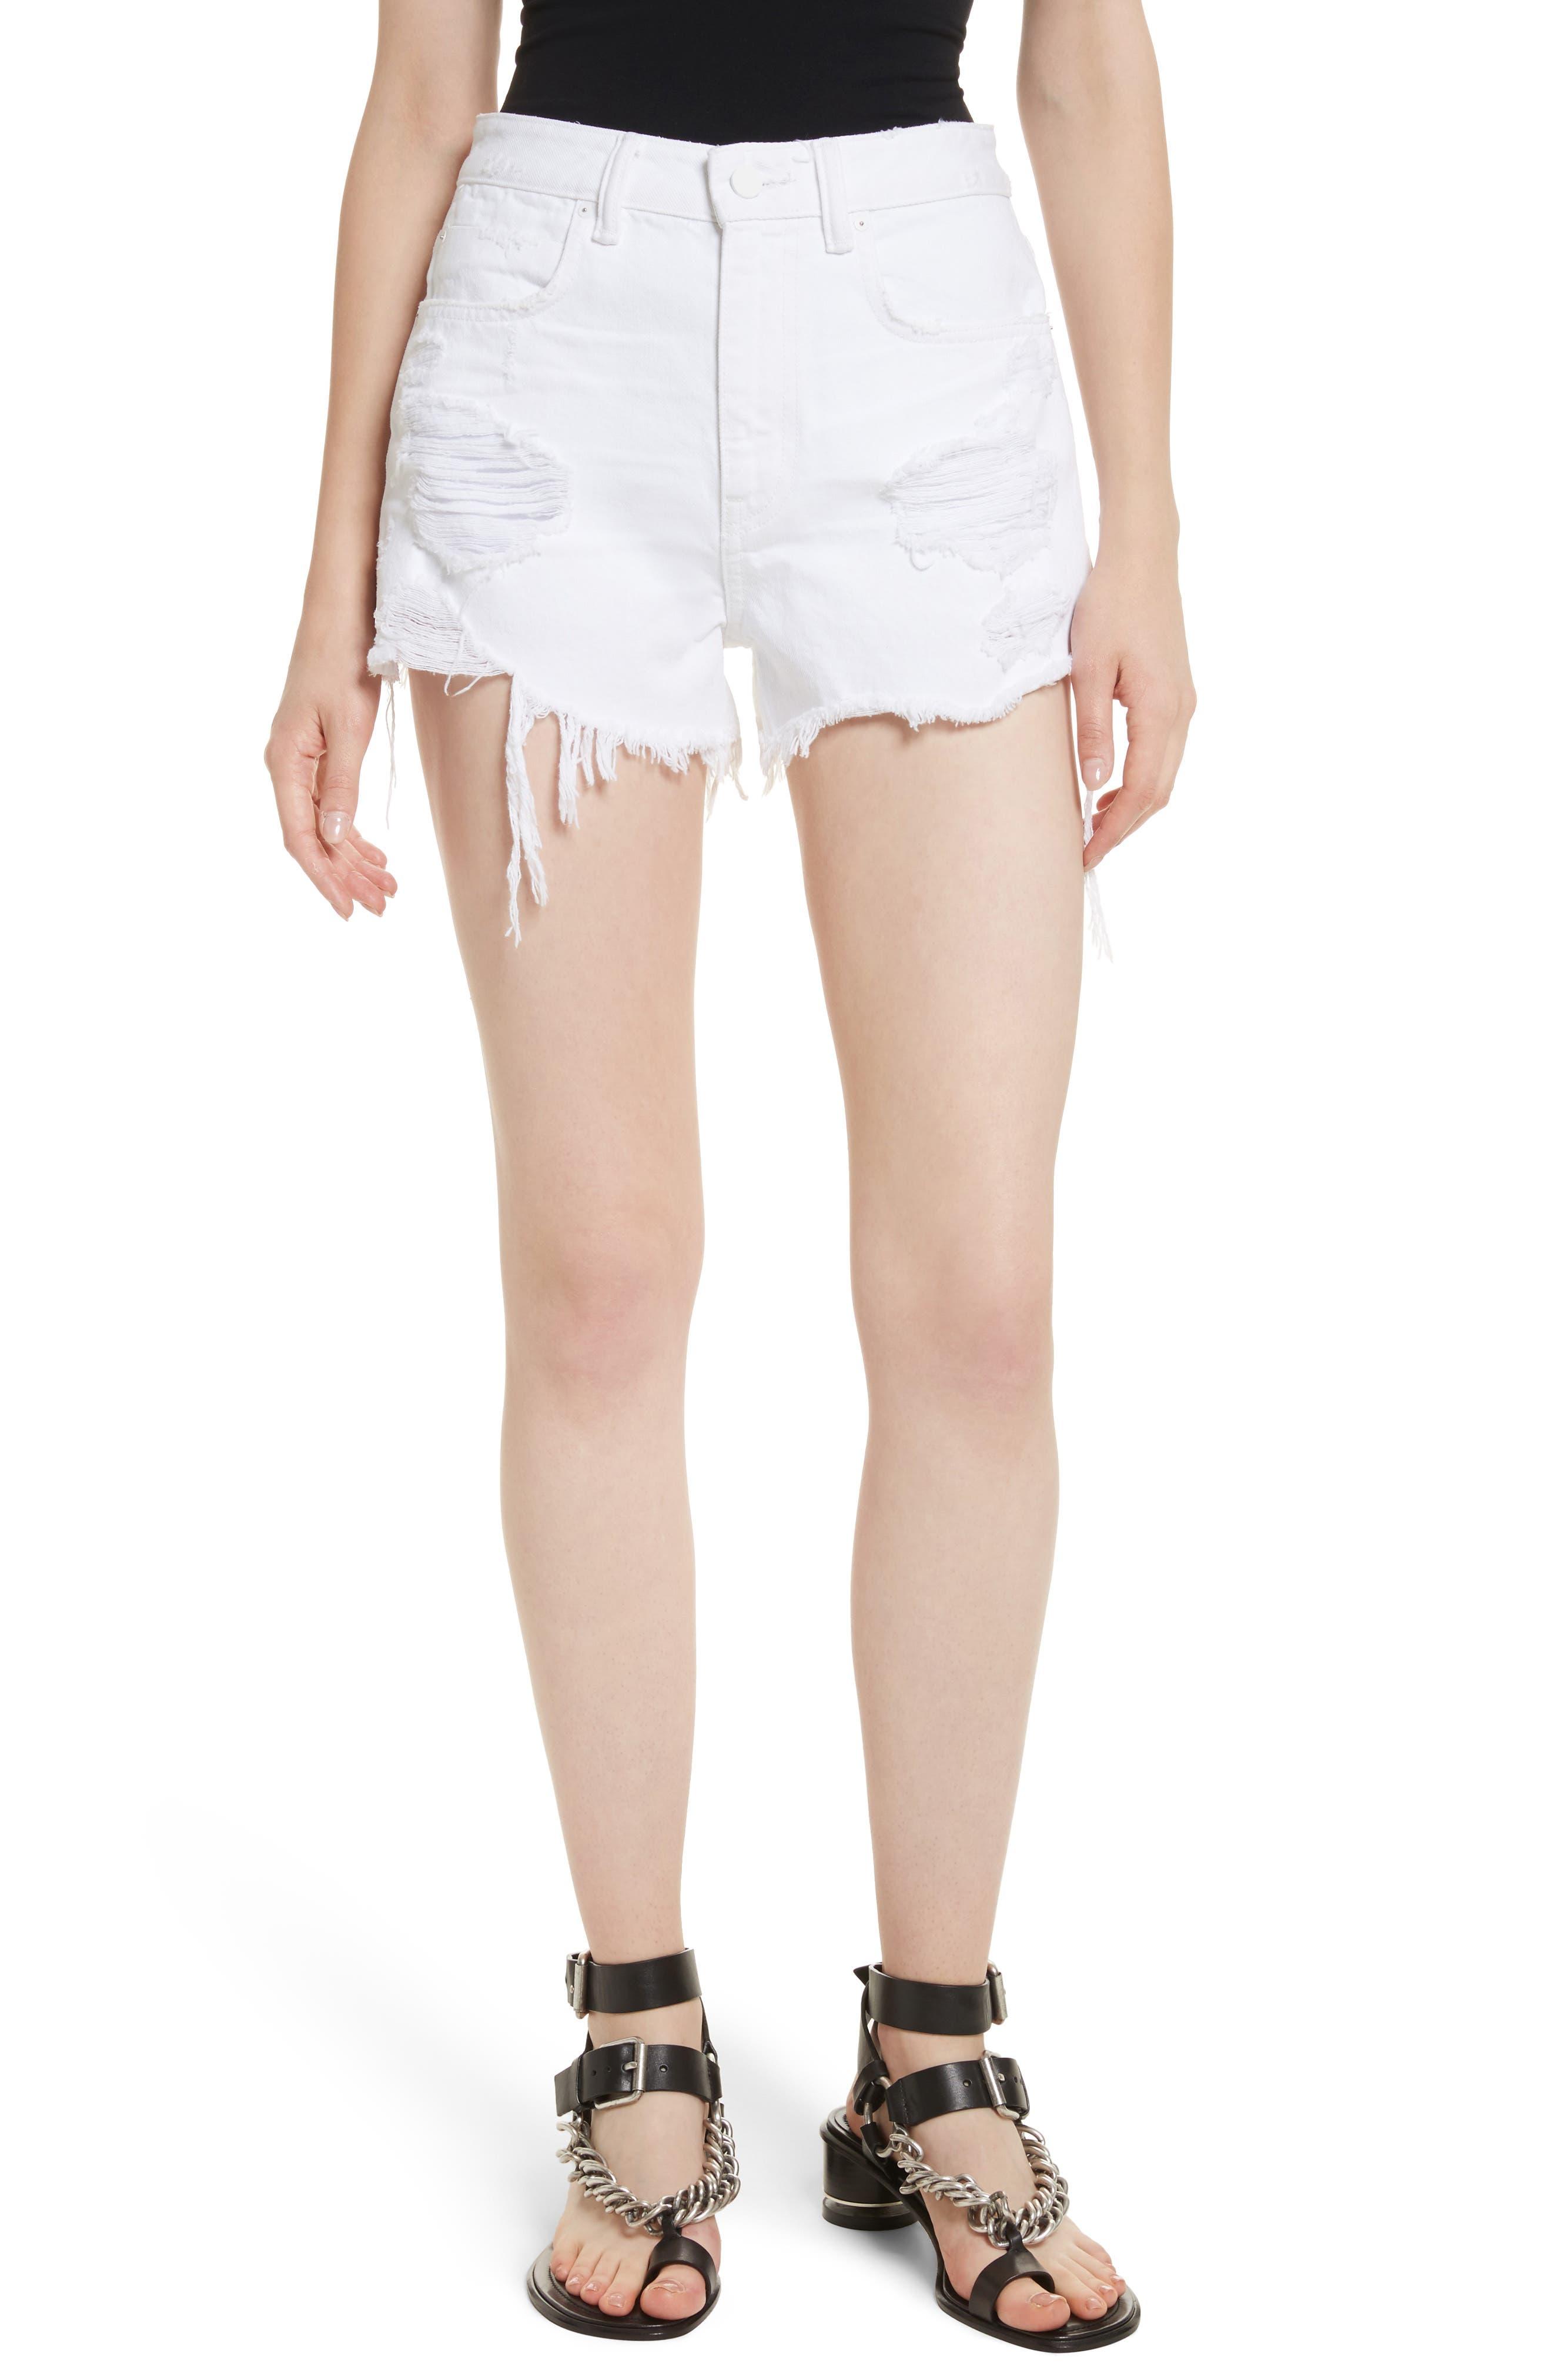 Bite White Ripped Denim Shorts,                             Main thumbnail 1, color,